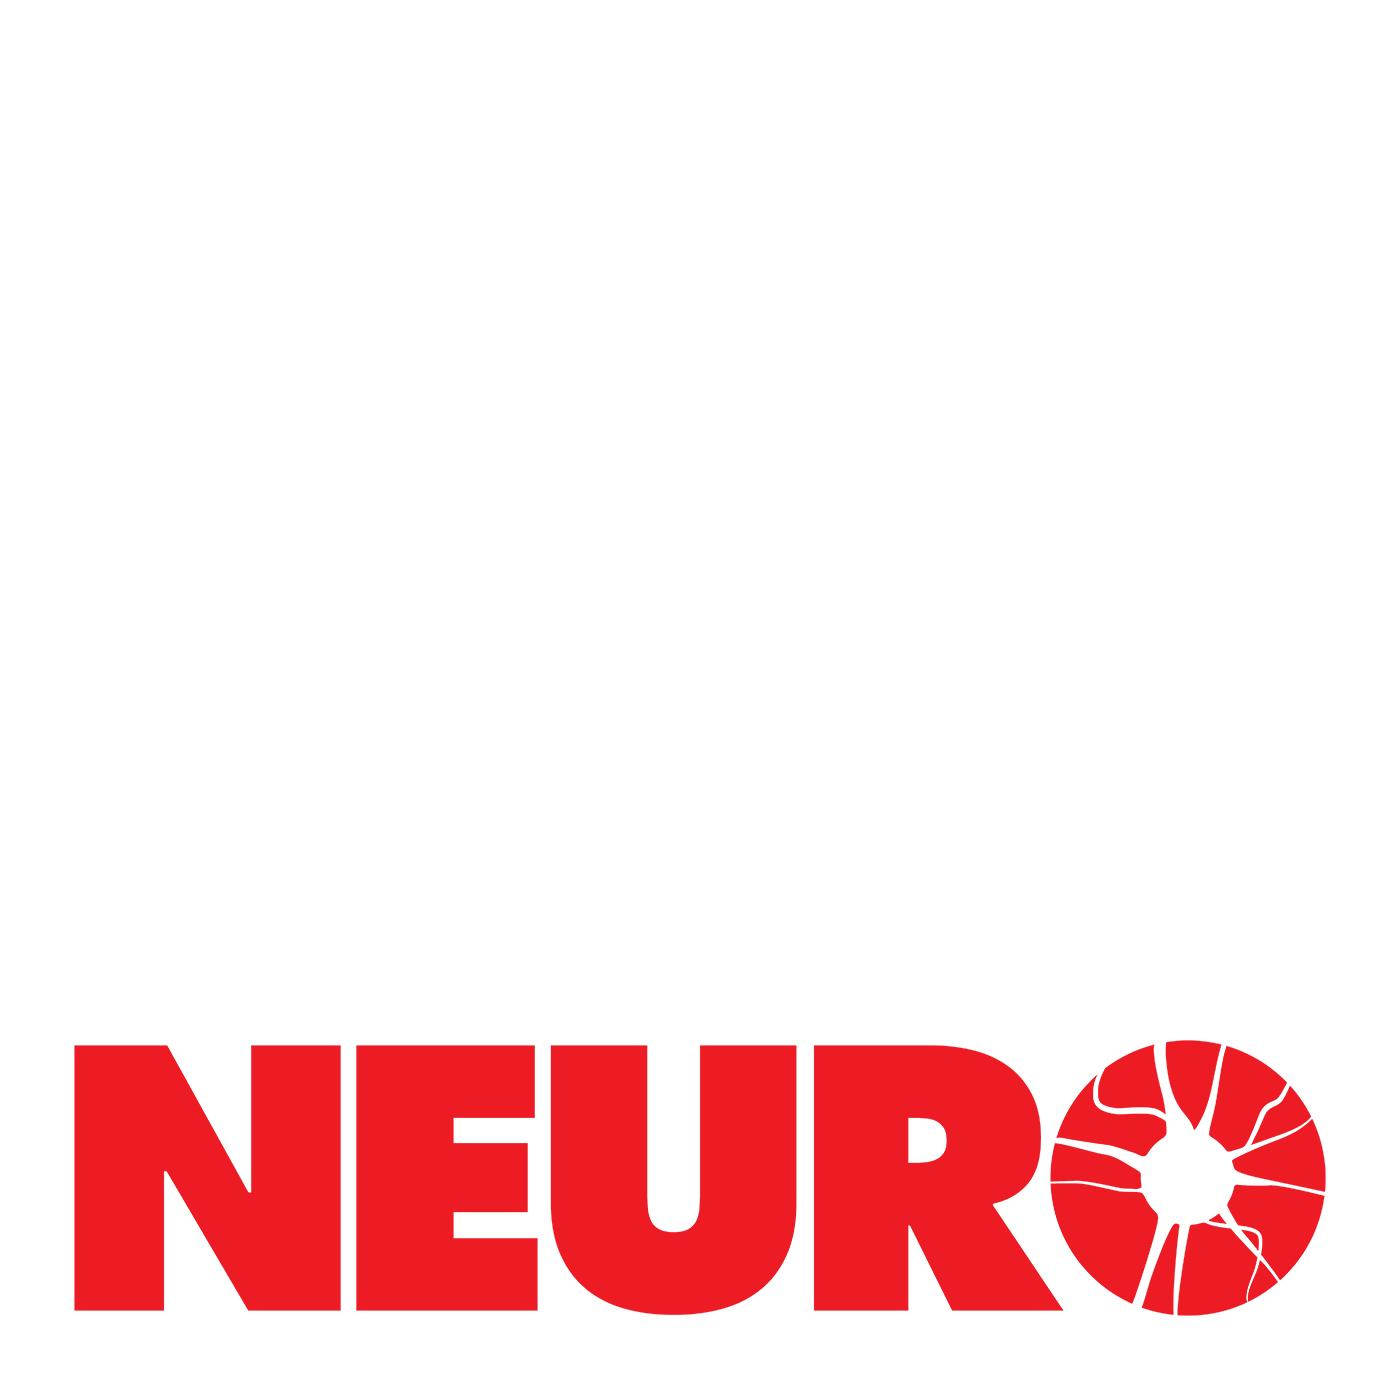 Neuropodden show art